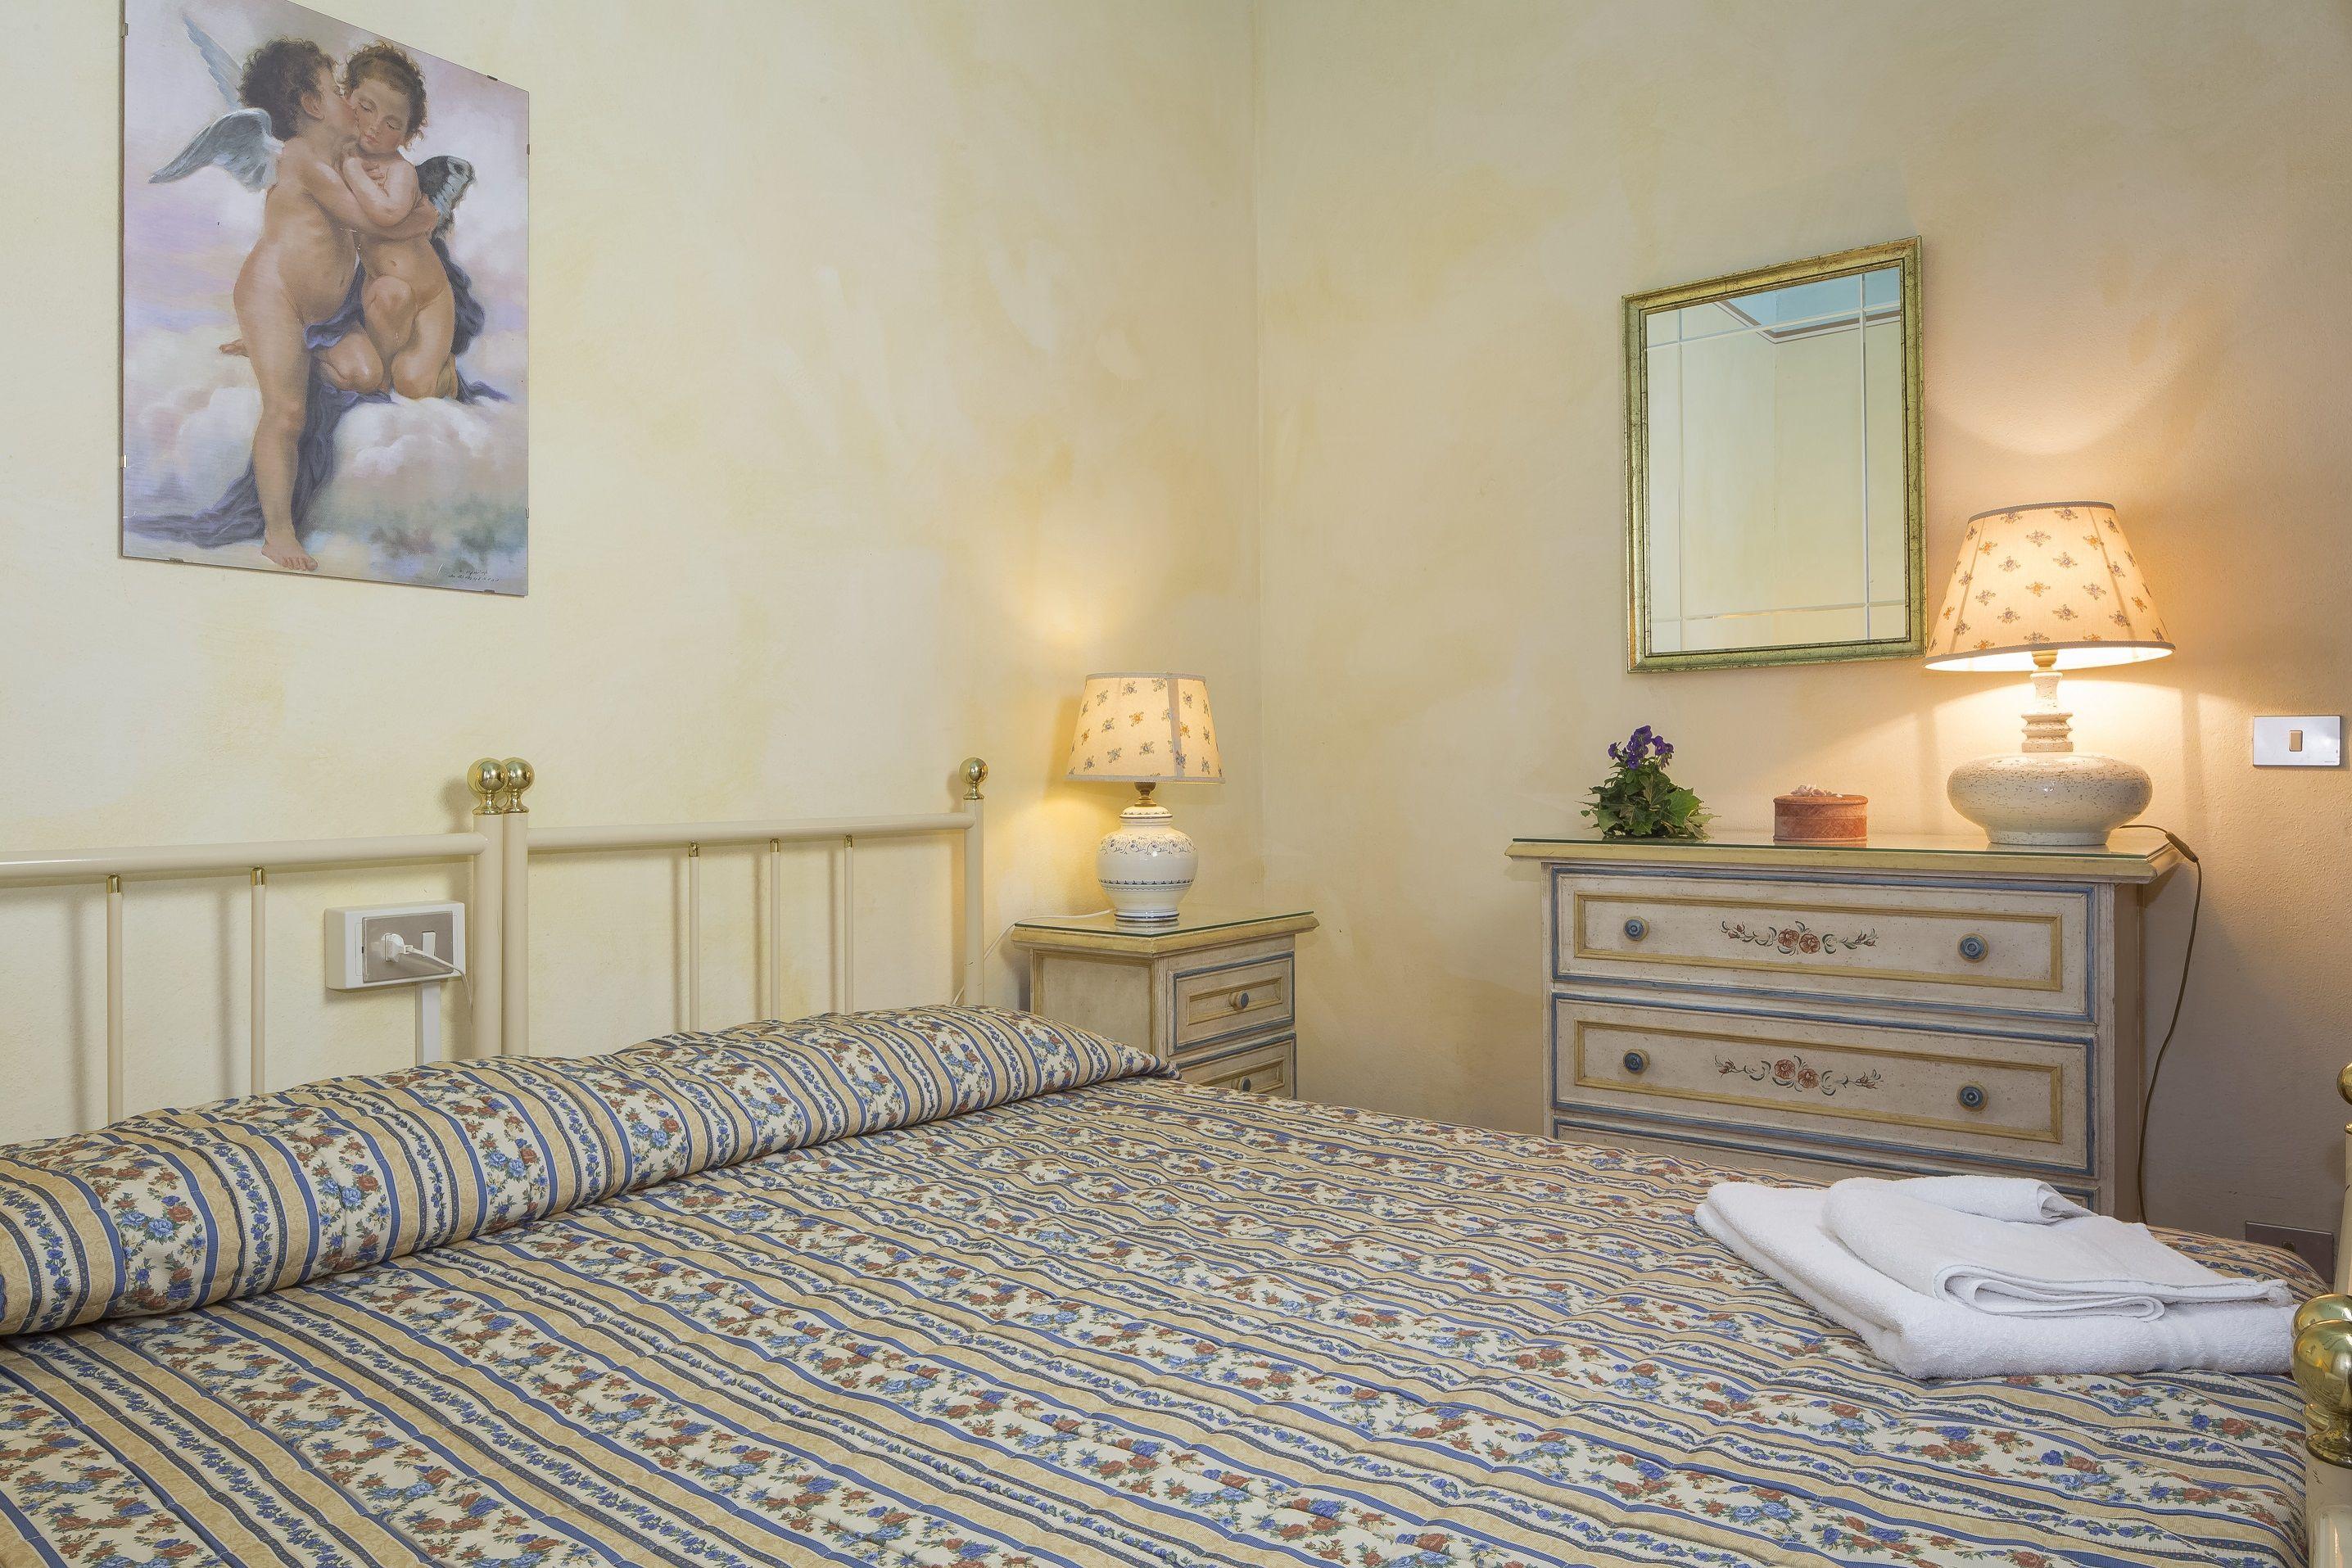 Apartment Bosco Lazzeroni Residence - Nabucco Holiday Home photo 17064543